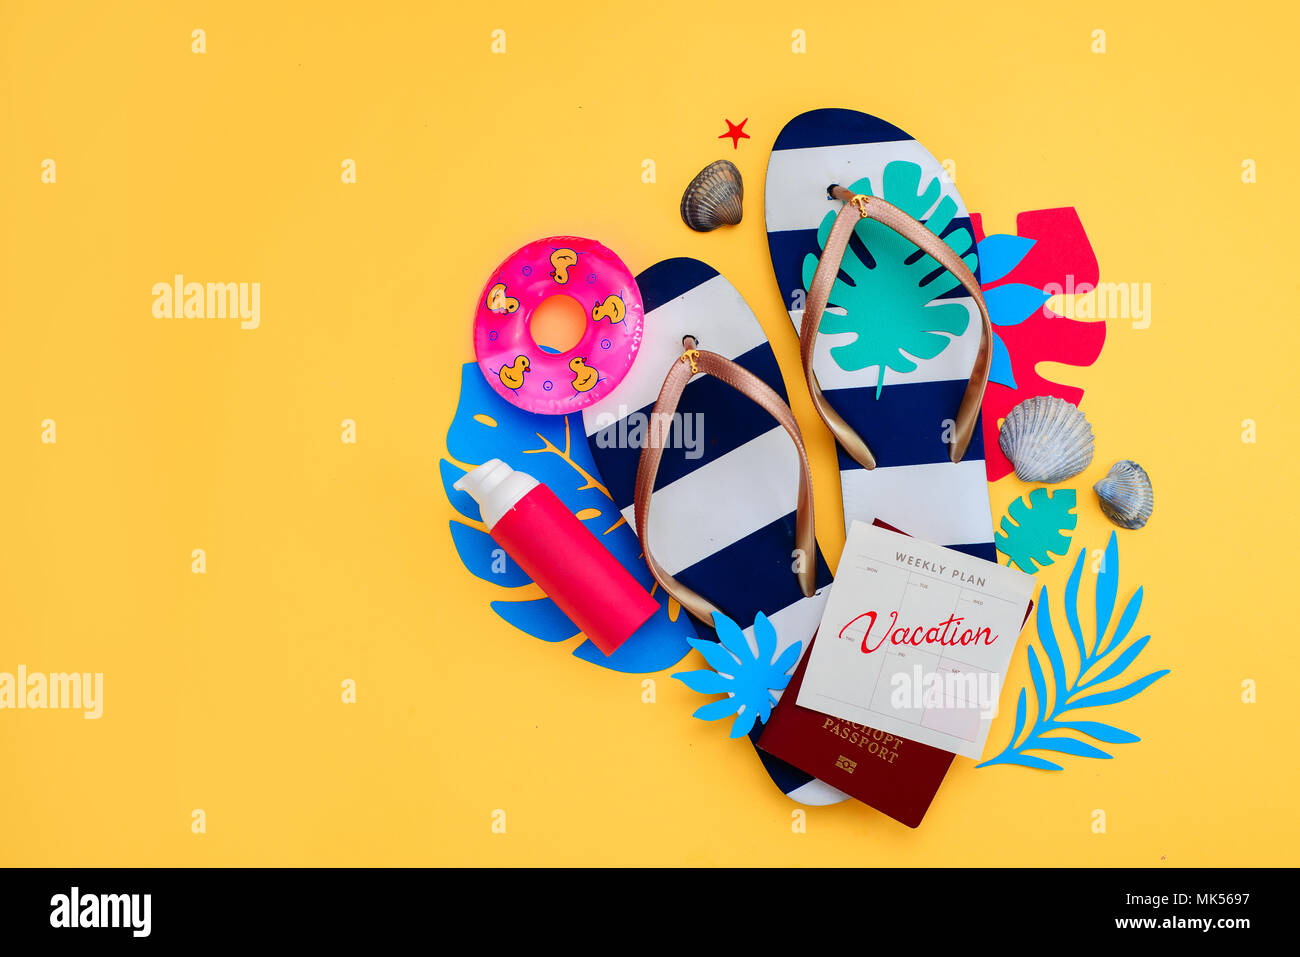 Concept des vacances, voyages et accessoires de plage avec copie espace. Tongs, feuilles tropicales et un calendrier avec locations de note sur un fond jaune. Photo Stock